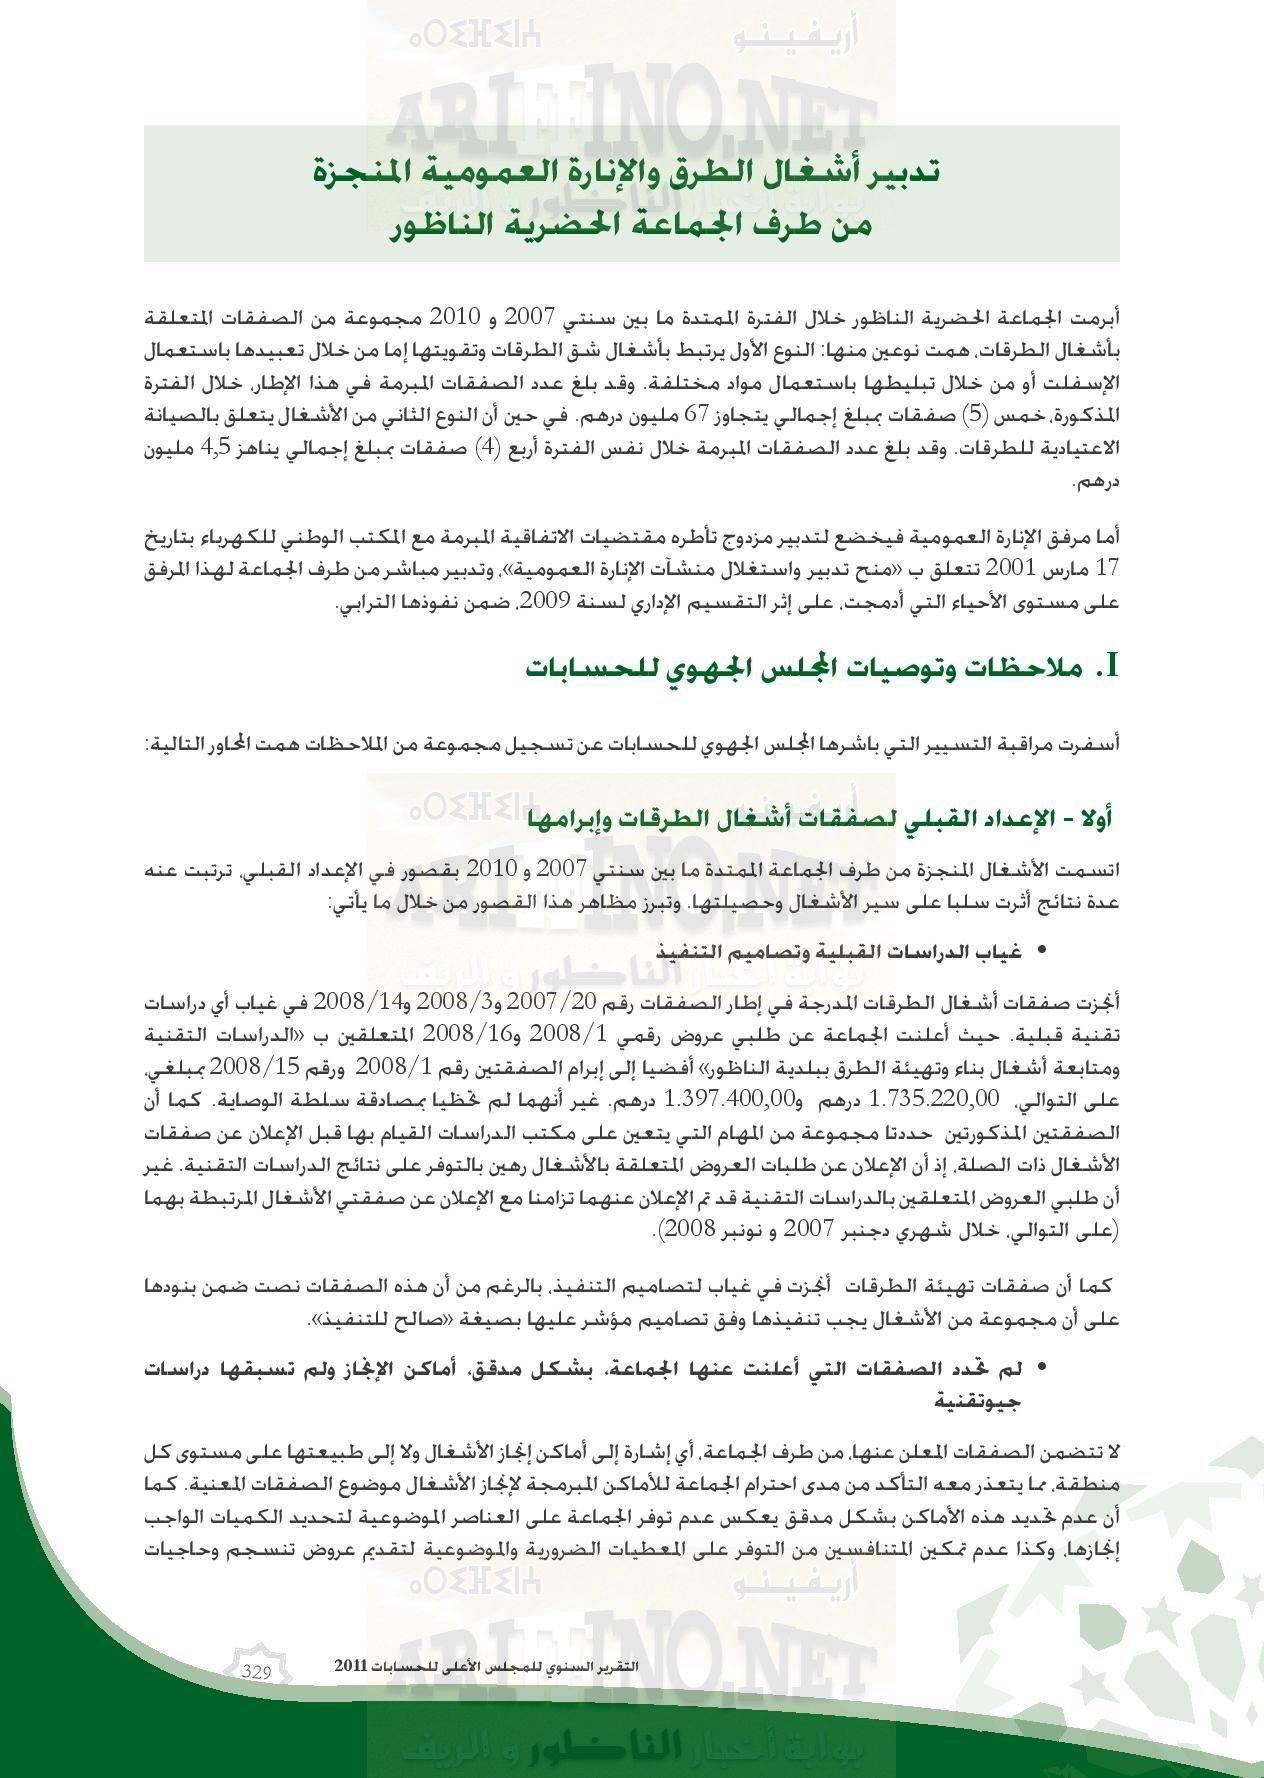 nador_0055 تقرير المجلس الاعلى للحسابات: بلدية الناظور تعيش إختلالات و عشوائية و عاجزة عن القيام بمهامها